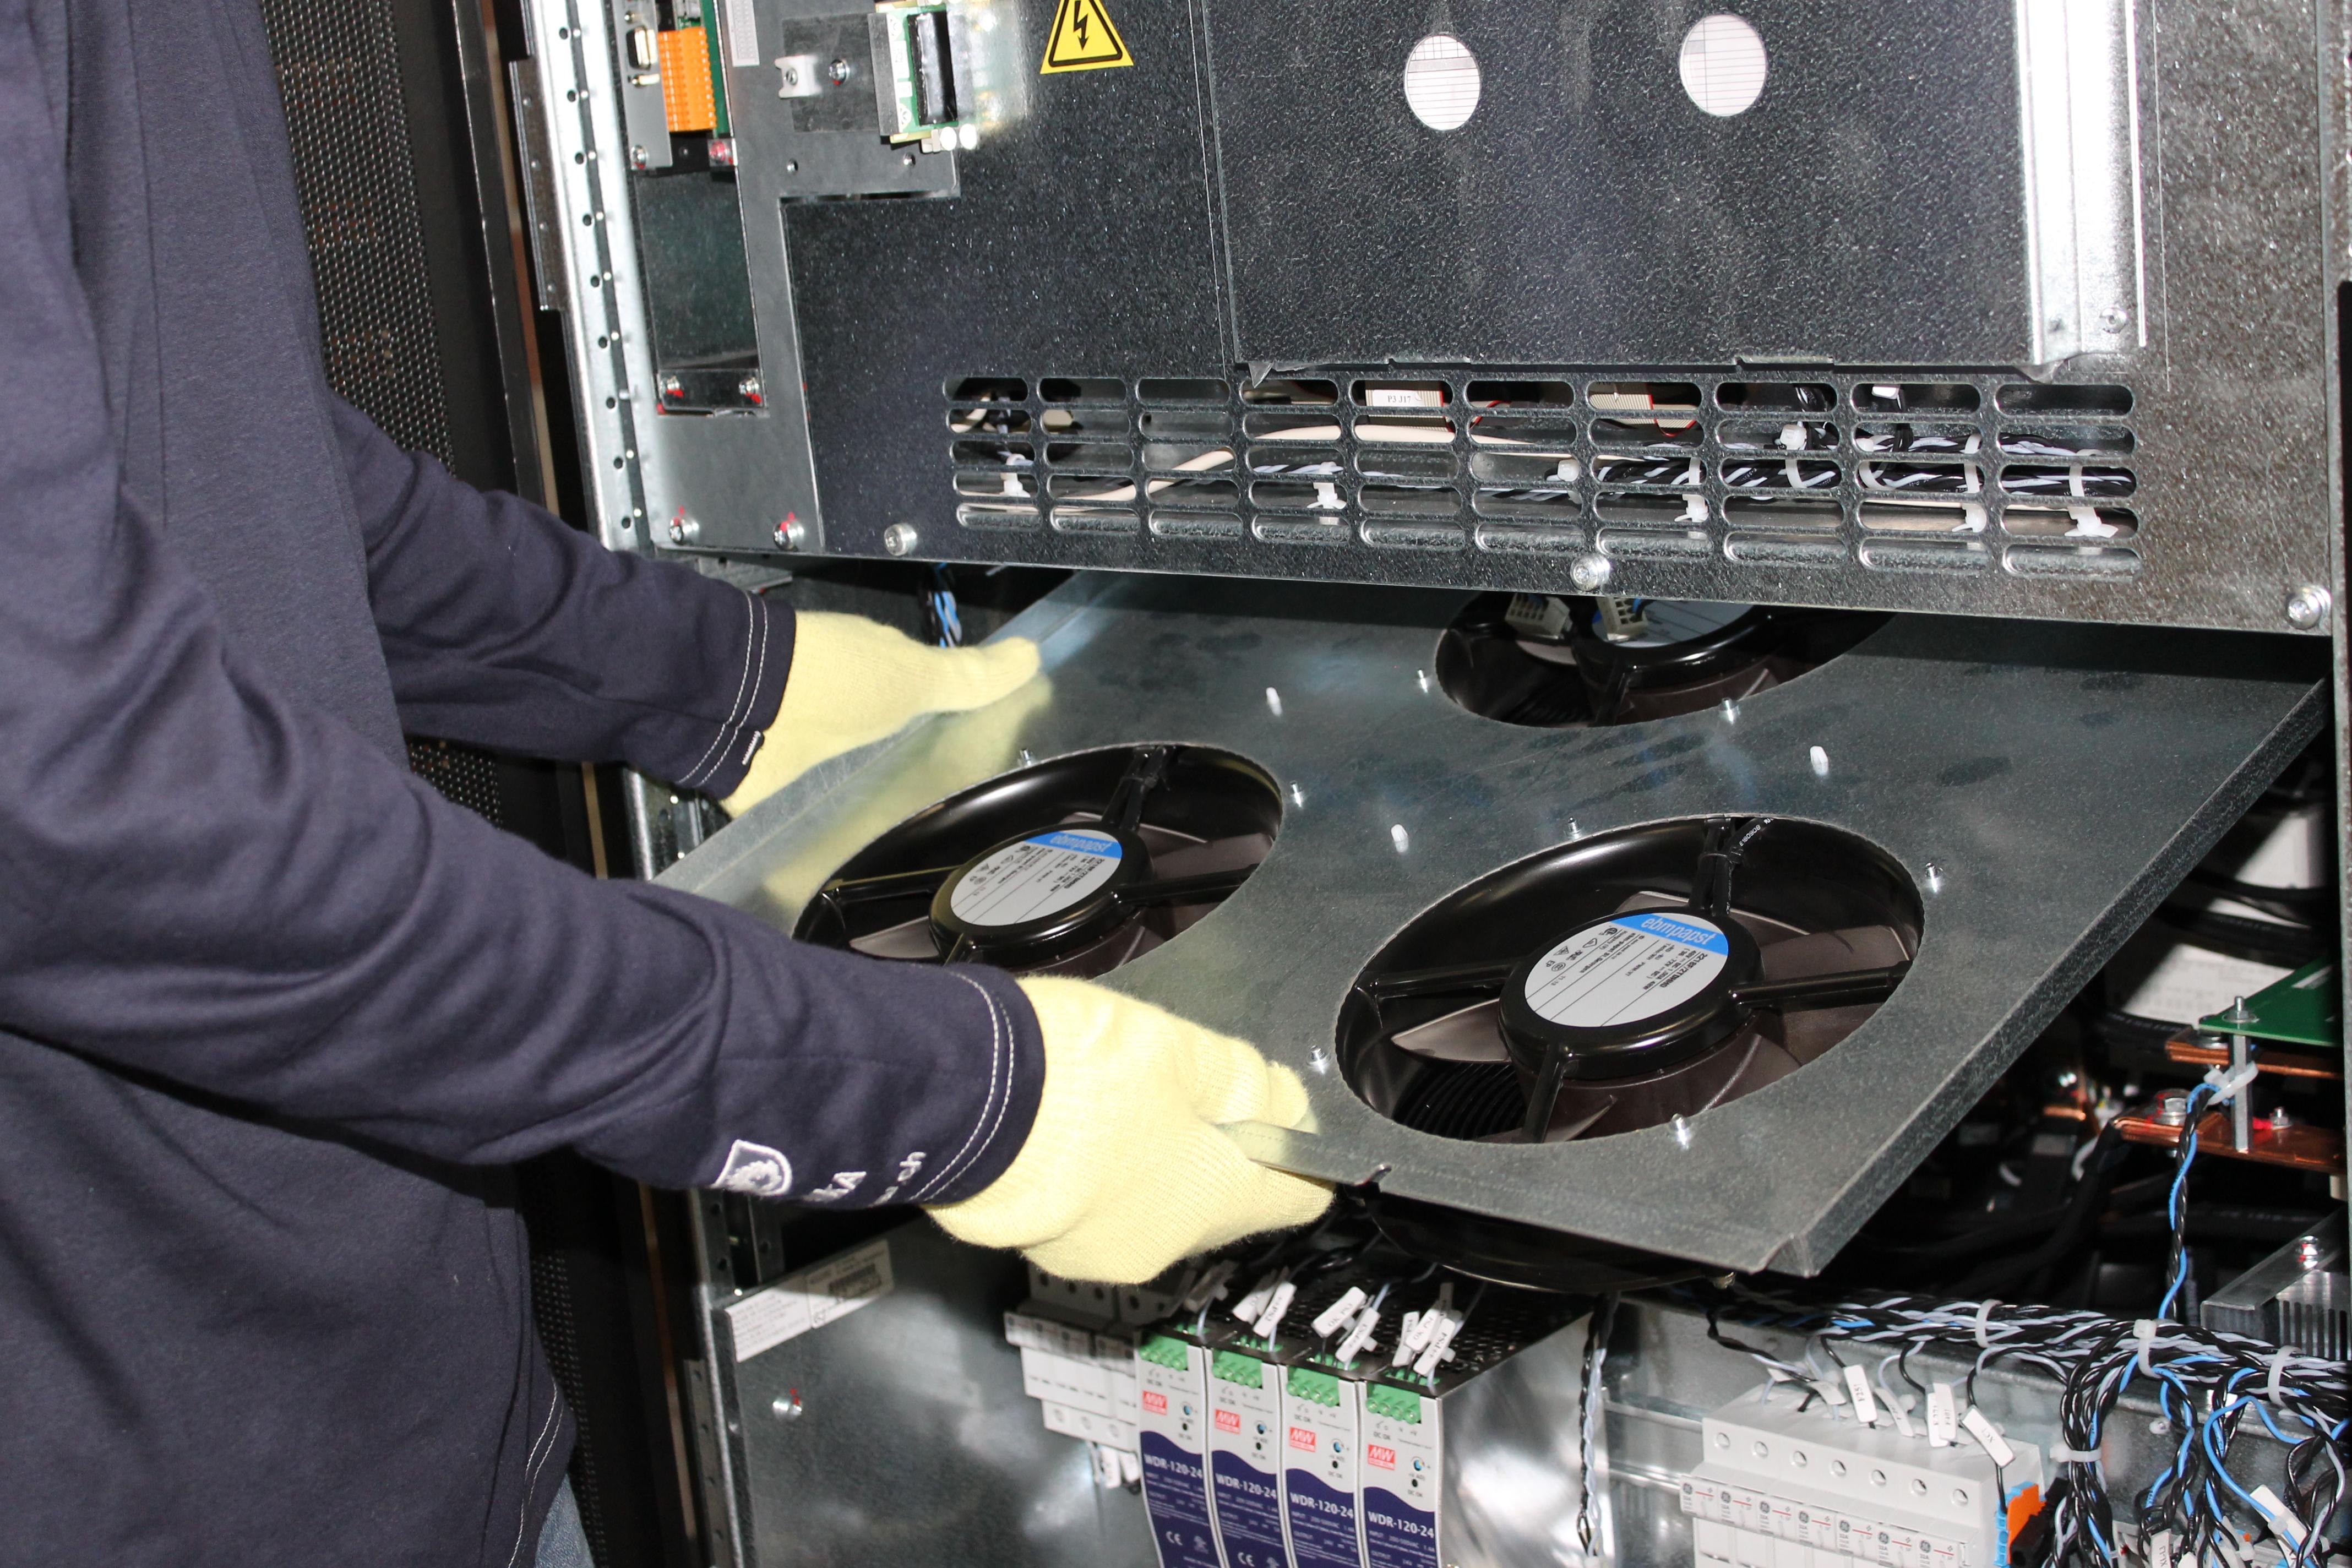 Schemi Elettrici Ups : Come deve essere il locale tecnico di un ups l impianto elettrico